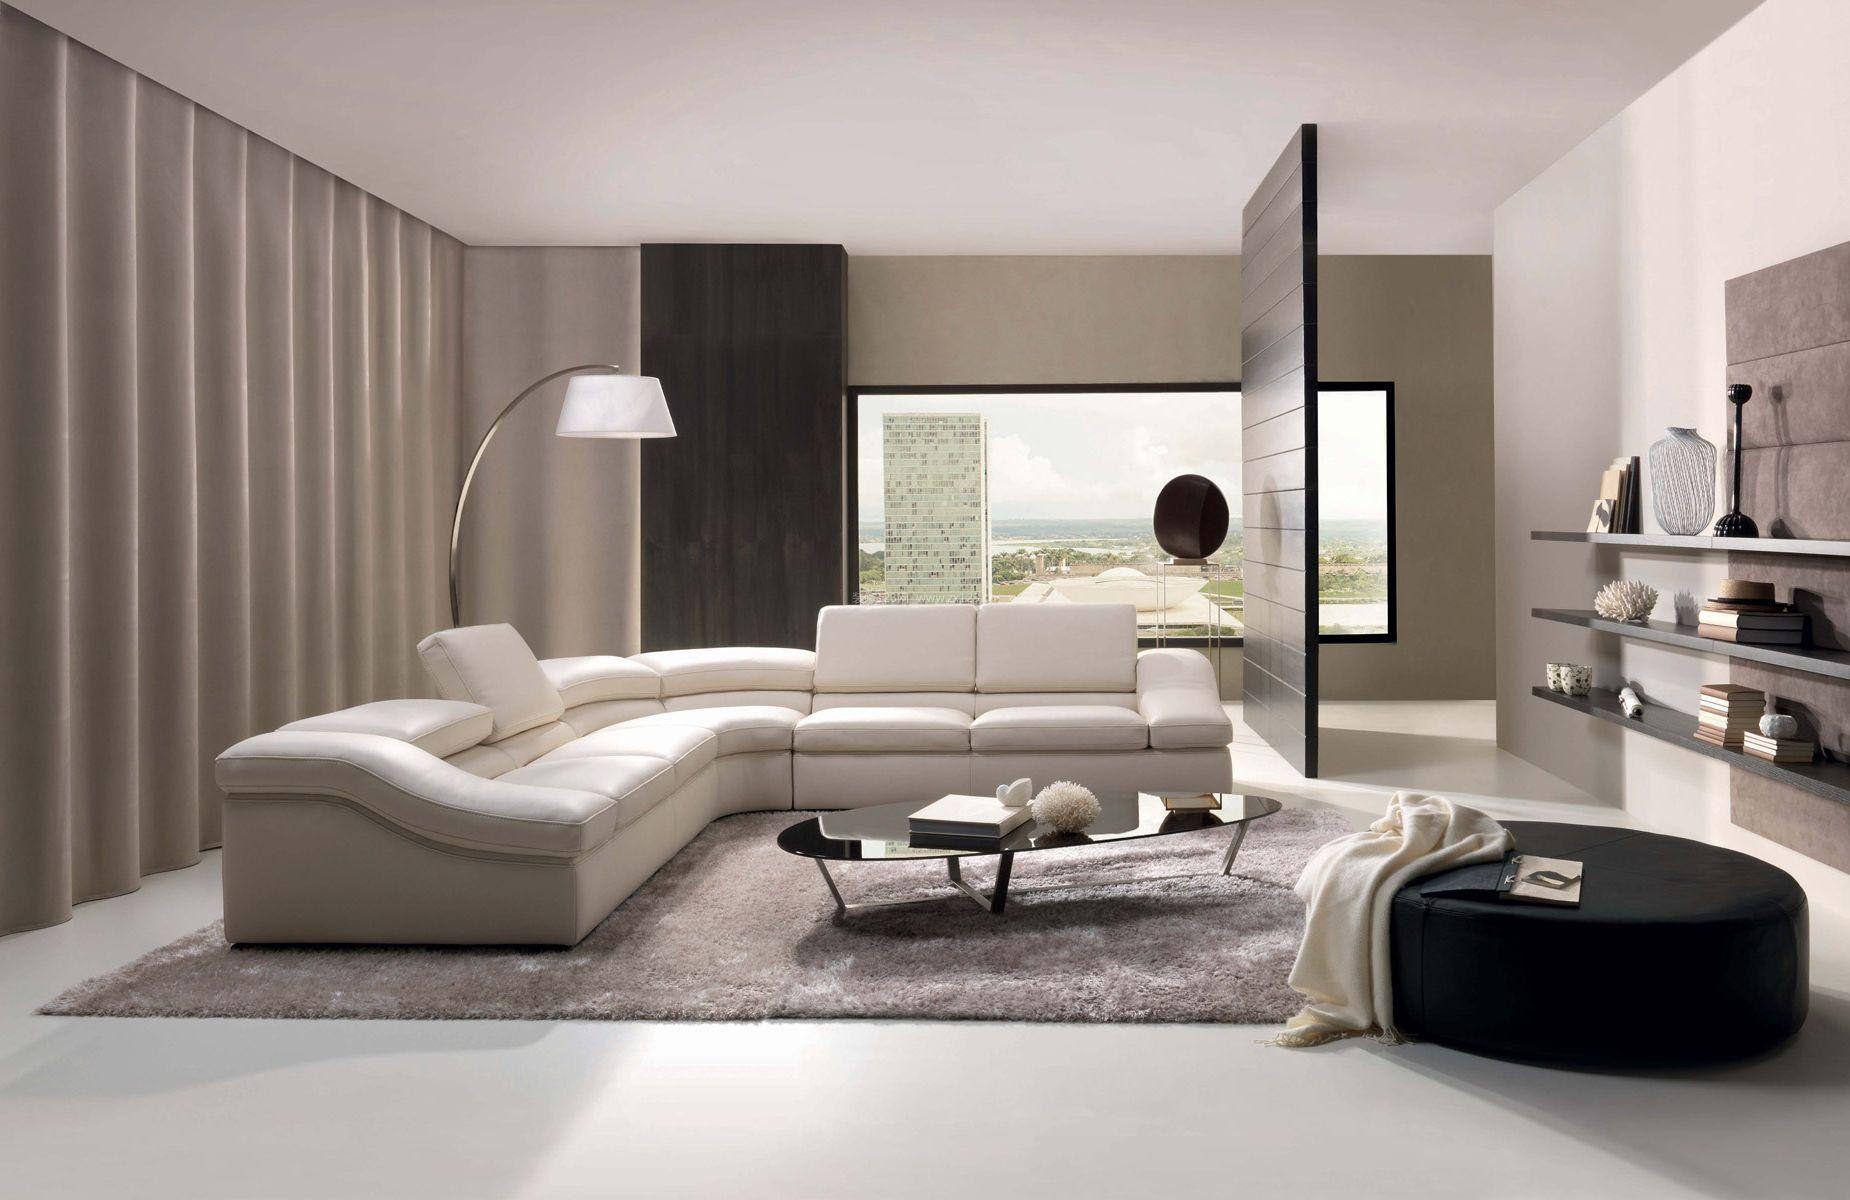 家装效果图 现代 简约现代客厅地毯装修效果图片大全 提供者:   ←